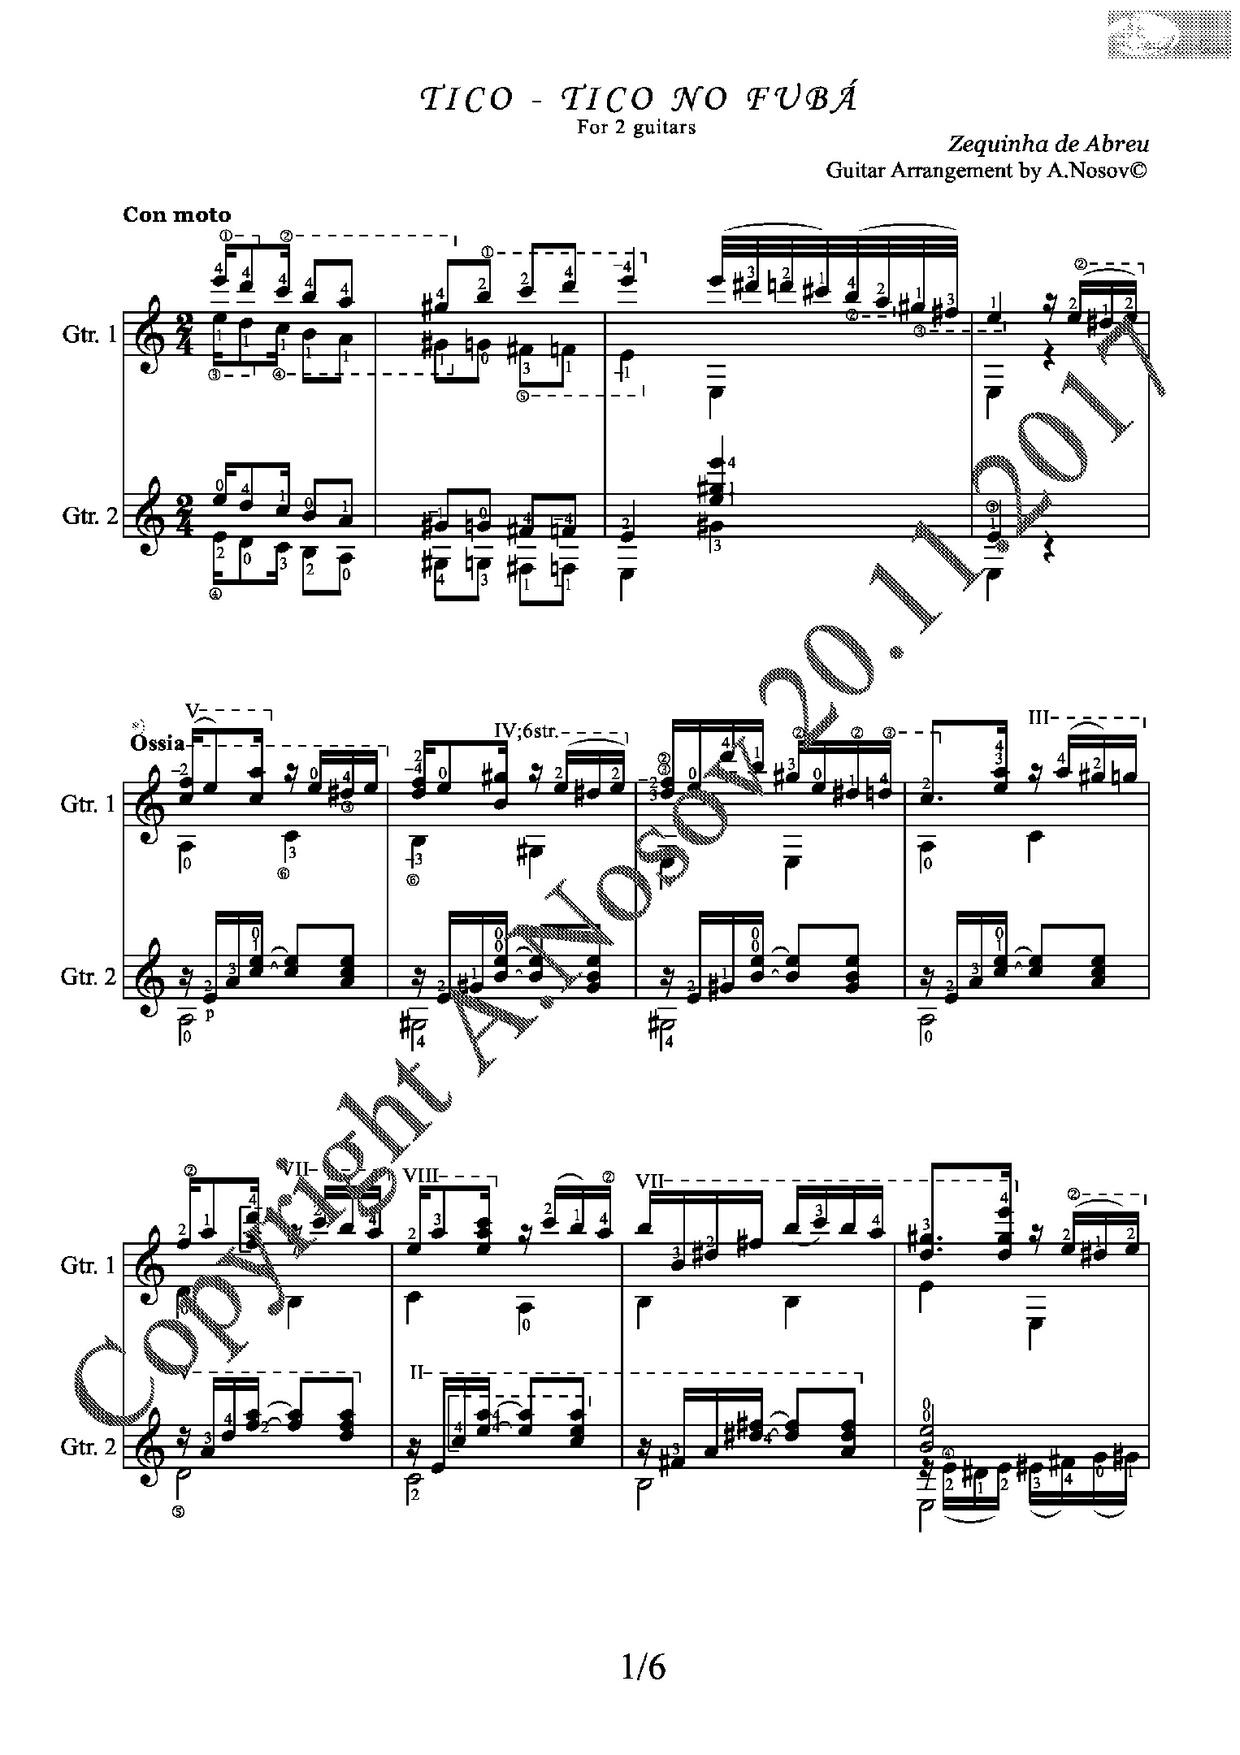 Tico-Tico no Fuba (Z.Abreu) Sheet Music for Guitar Duets